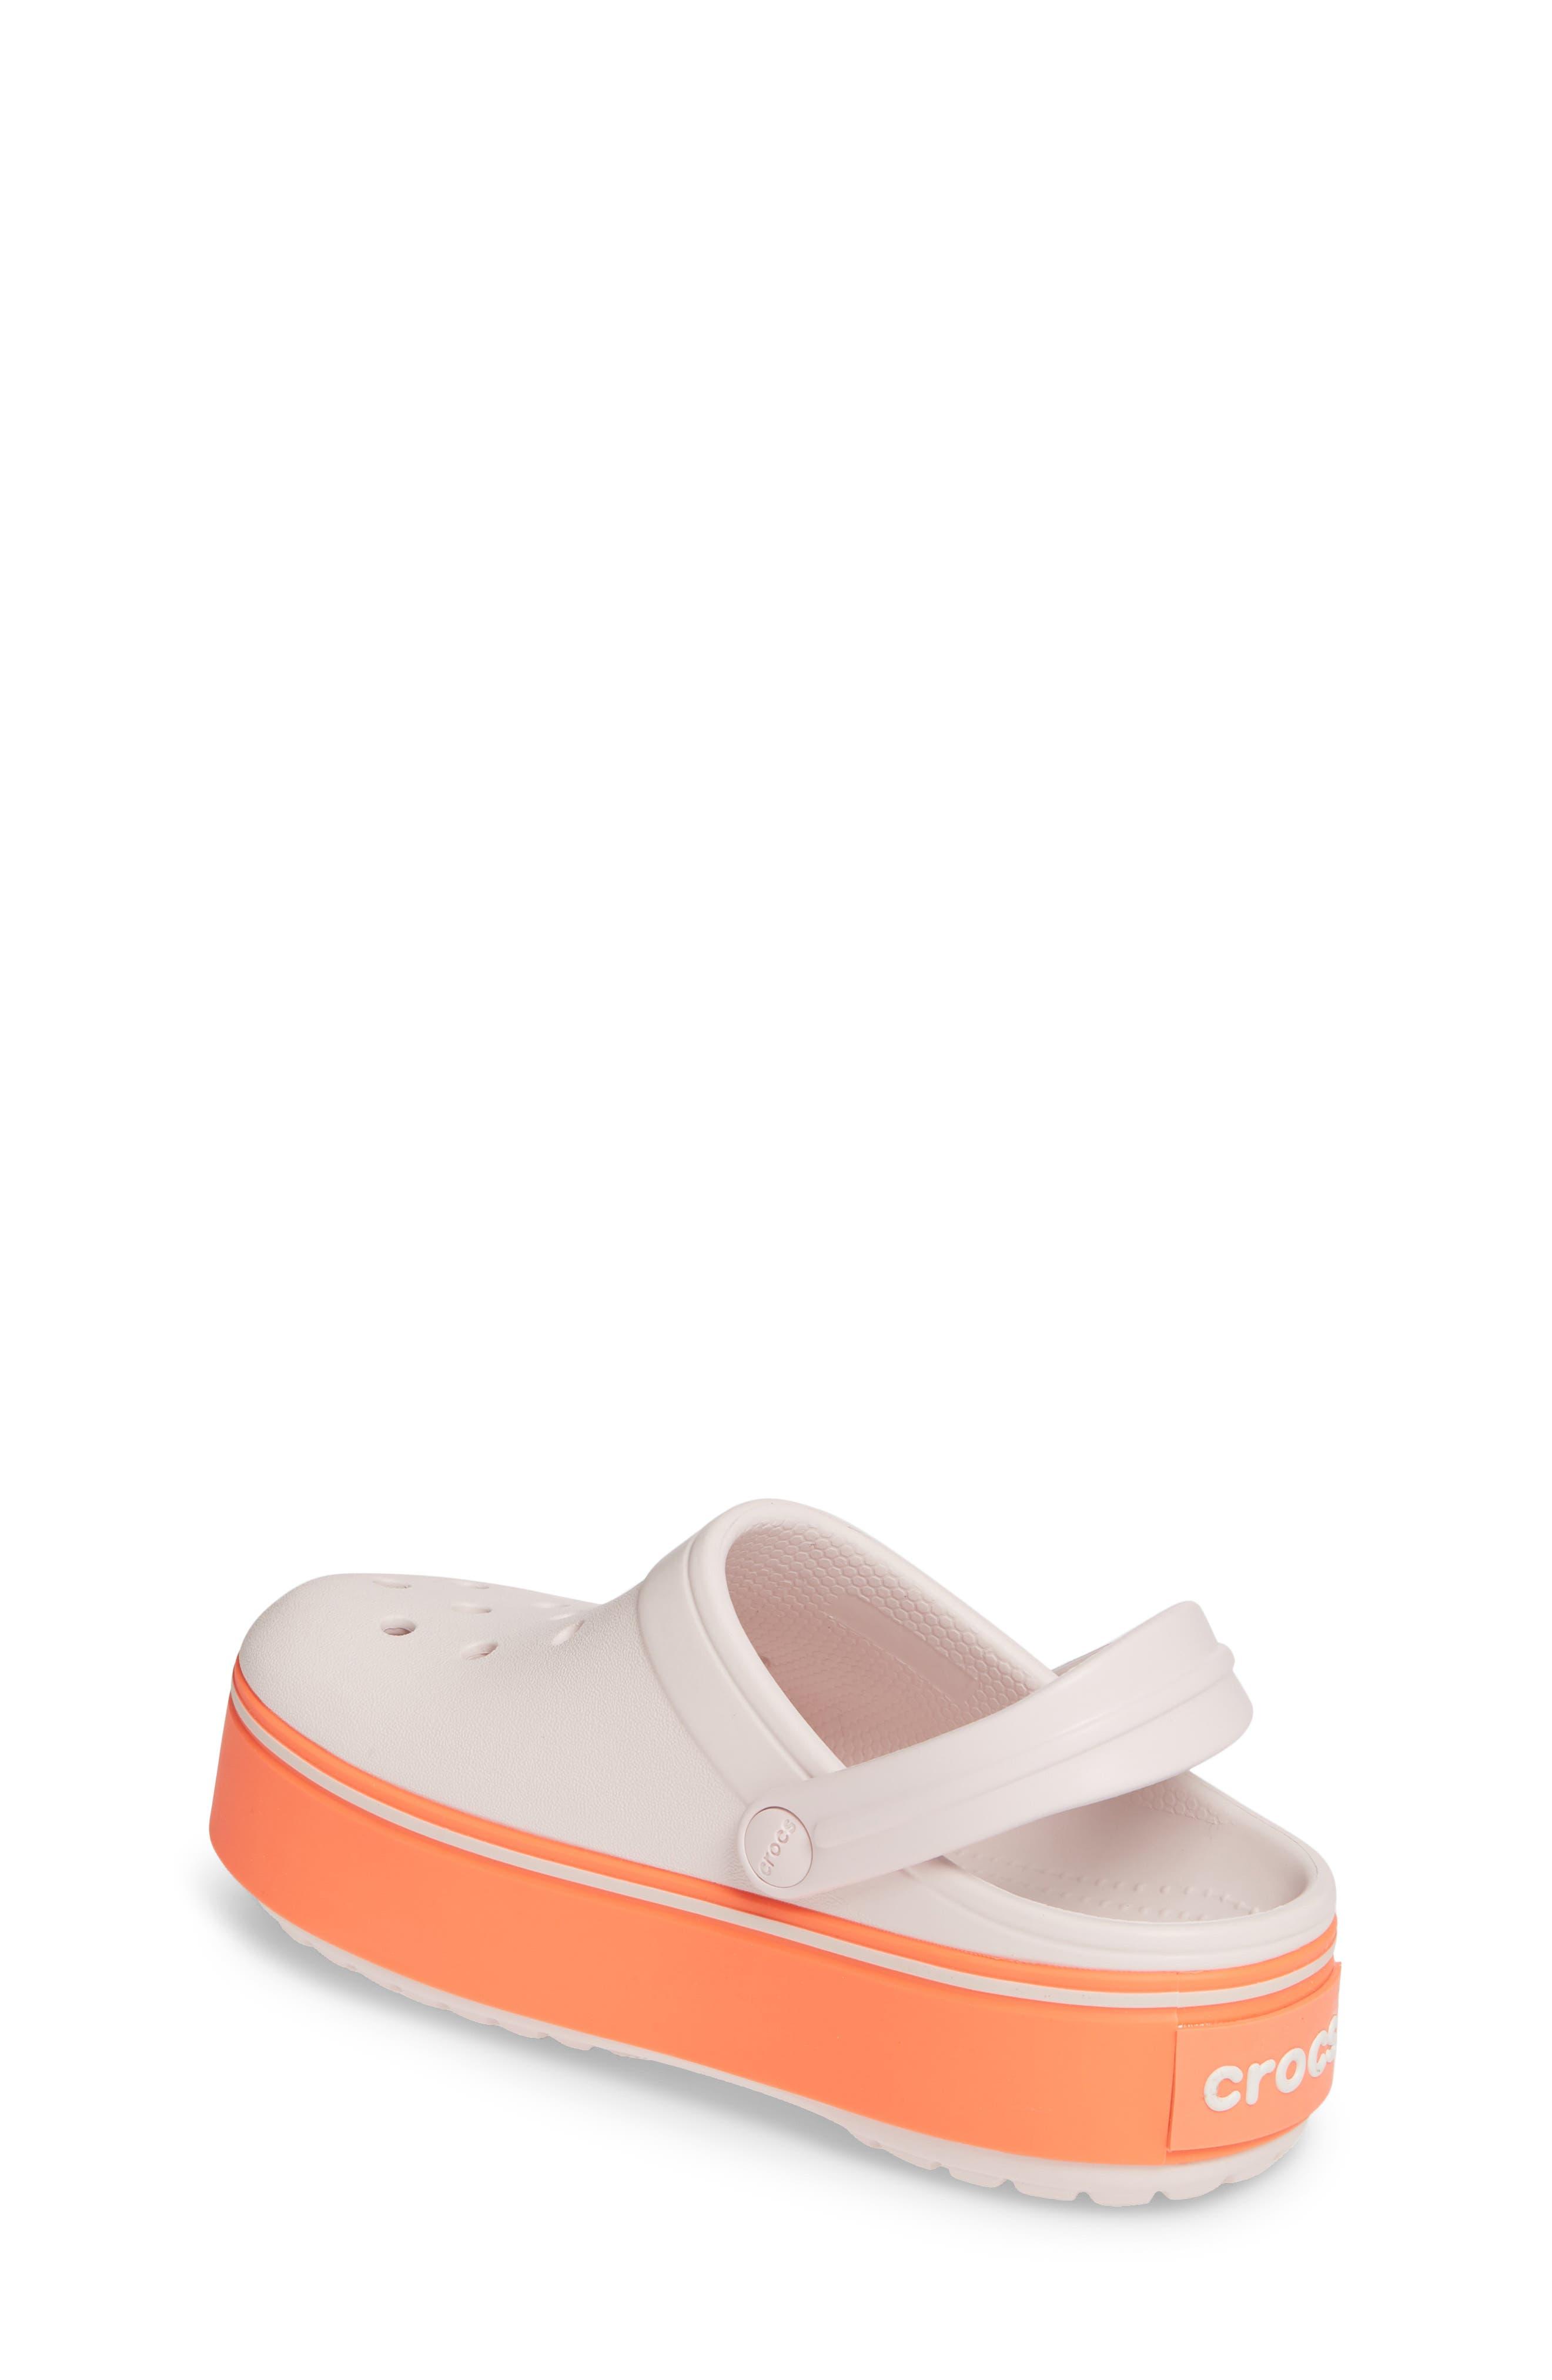 38ad27f5dce27 CROCS Shoes